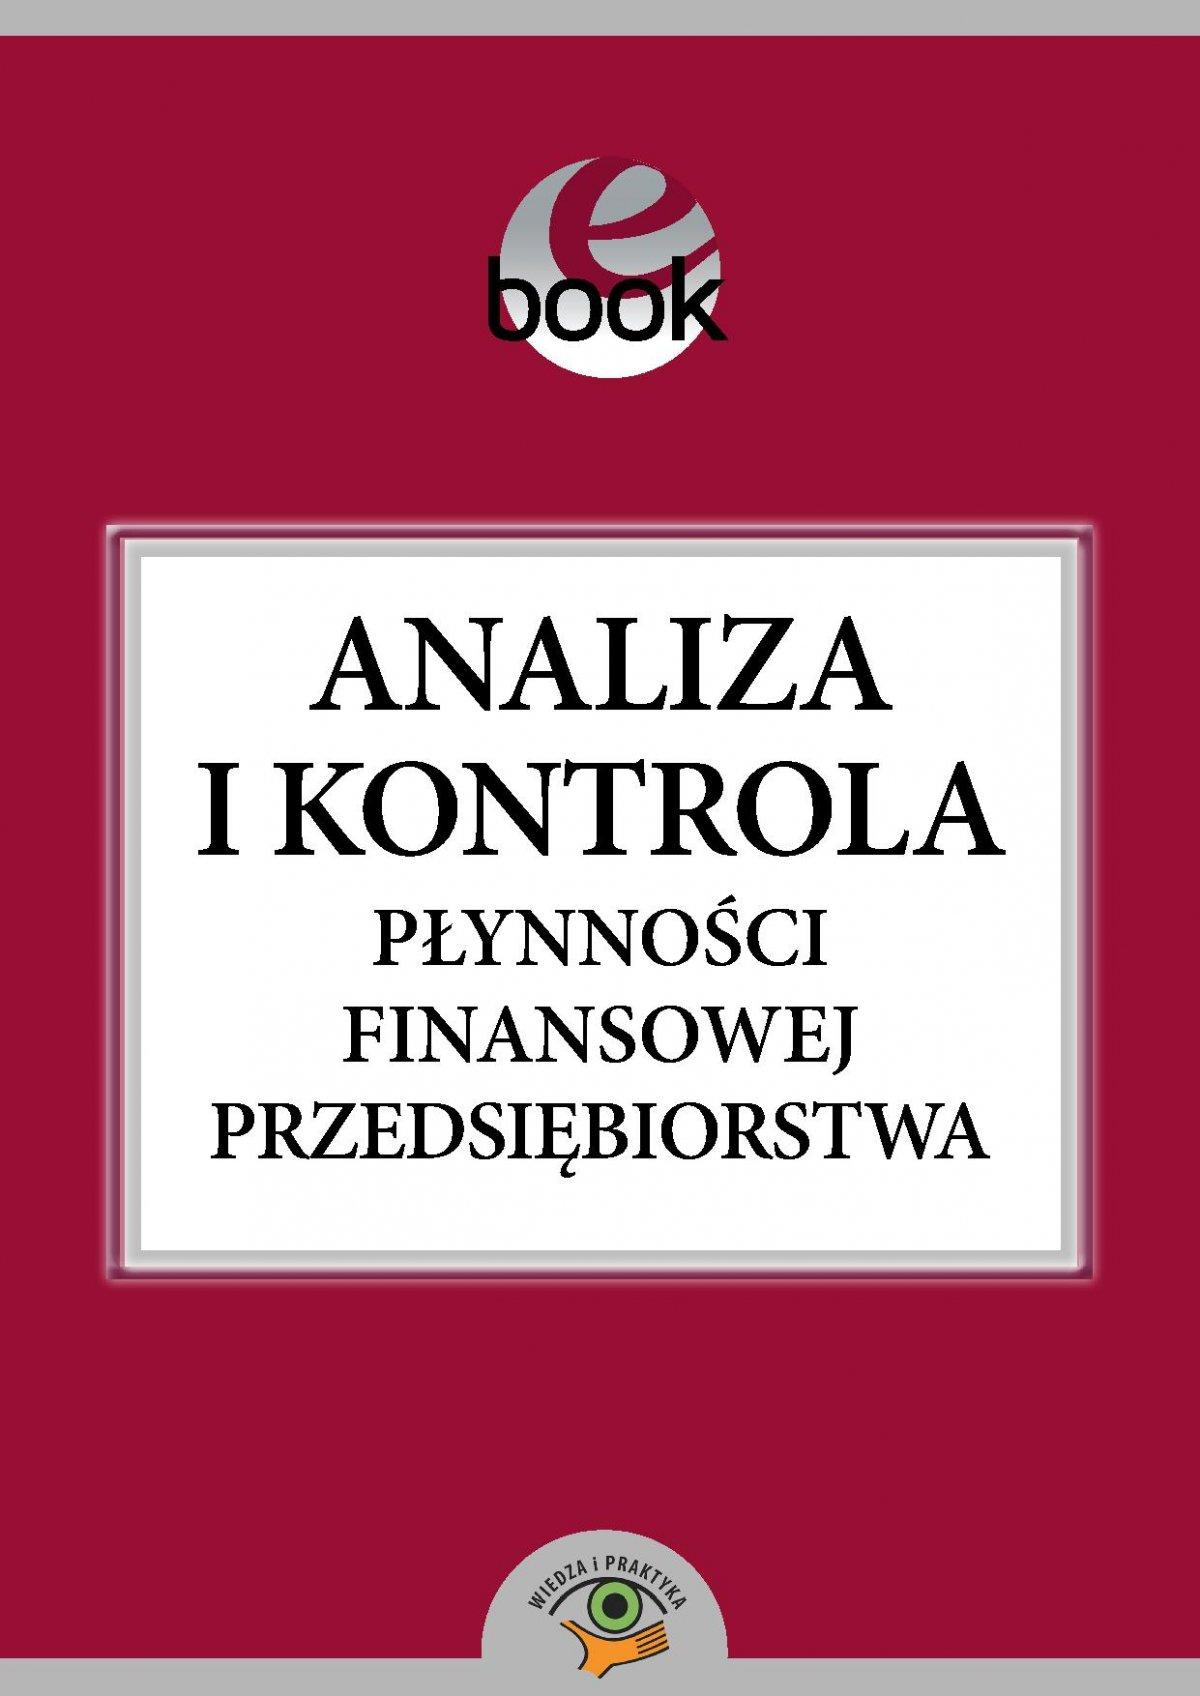 Analiza i kontrola płynności finansowej przedsiębiorstwa - Ebook (Książka PDF) do pobrania w formacie PDF